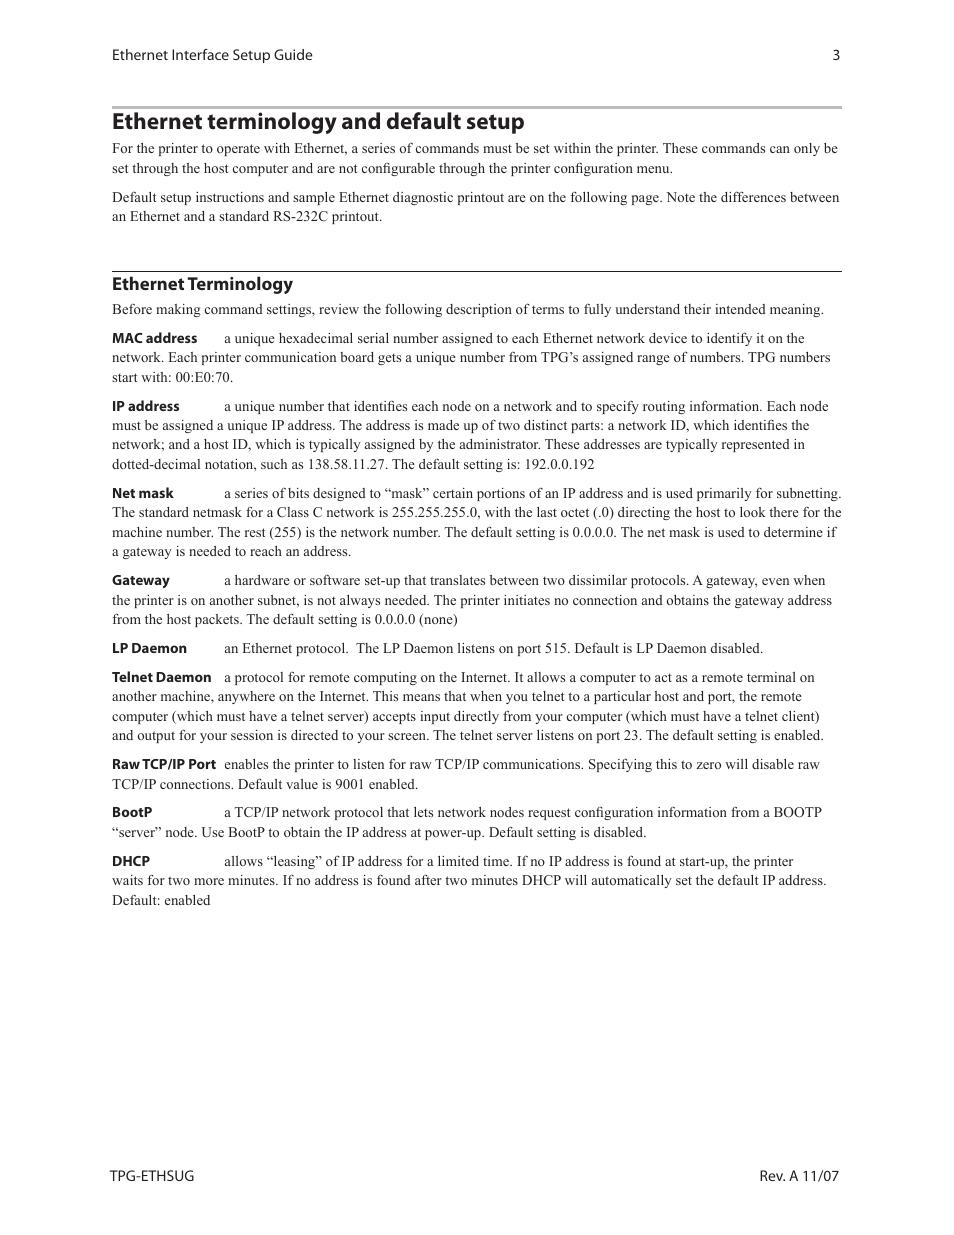 Ethernet terminology and default setup | CognitiveTPG A799 User